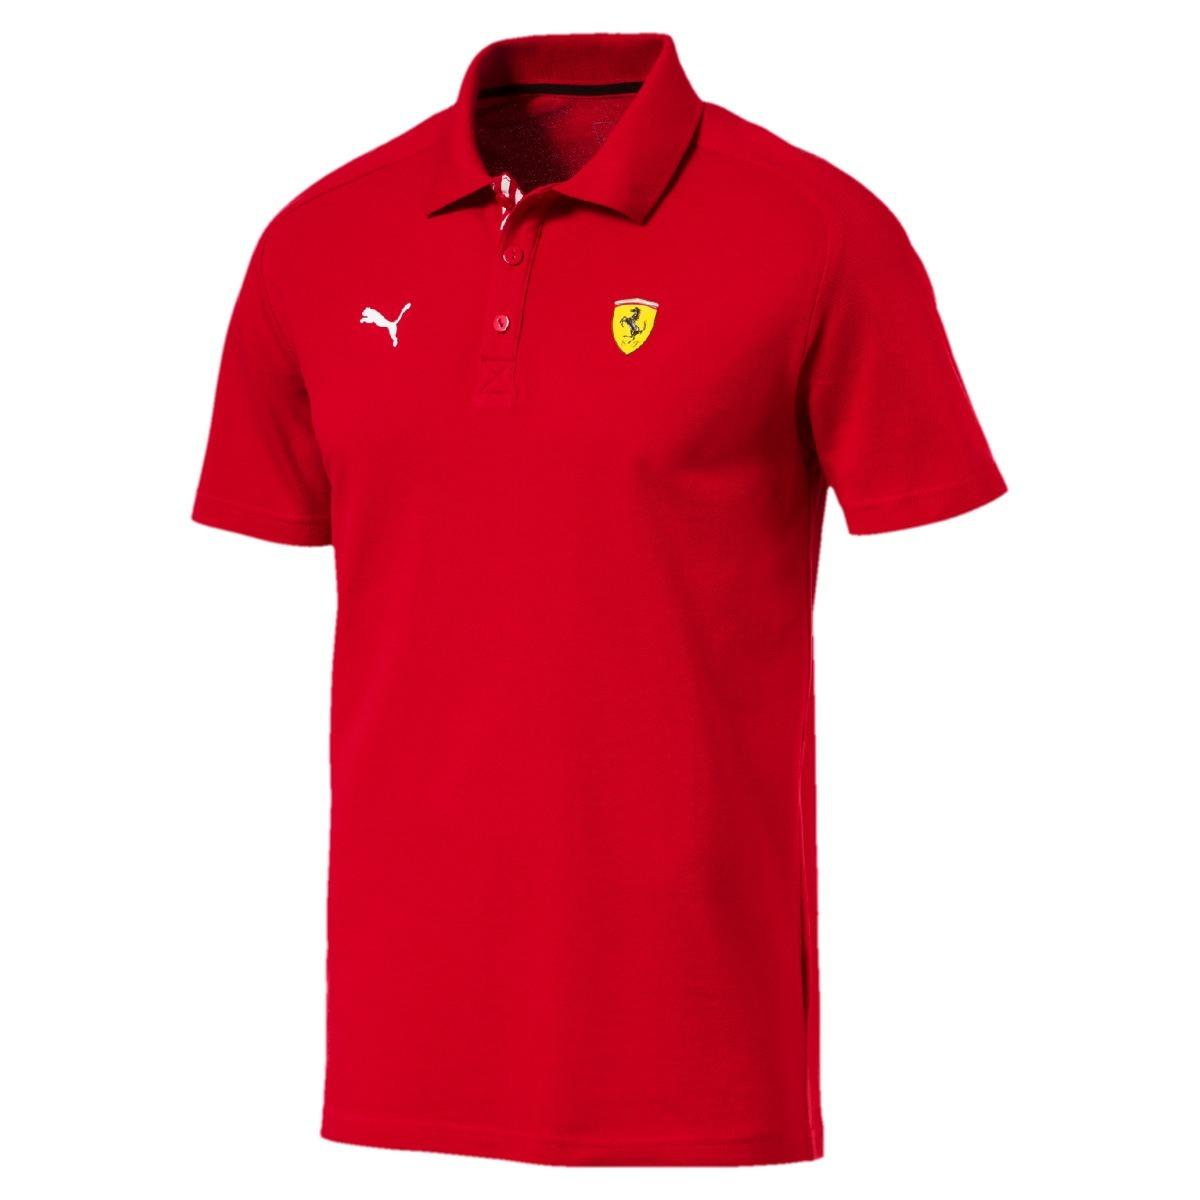 camisa ferrari puma sf polo rosso corsa - original. Carregando zoom. 29d840379e7